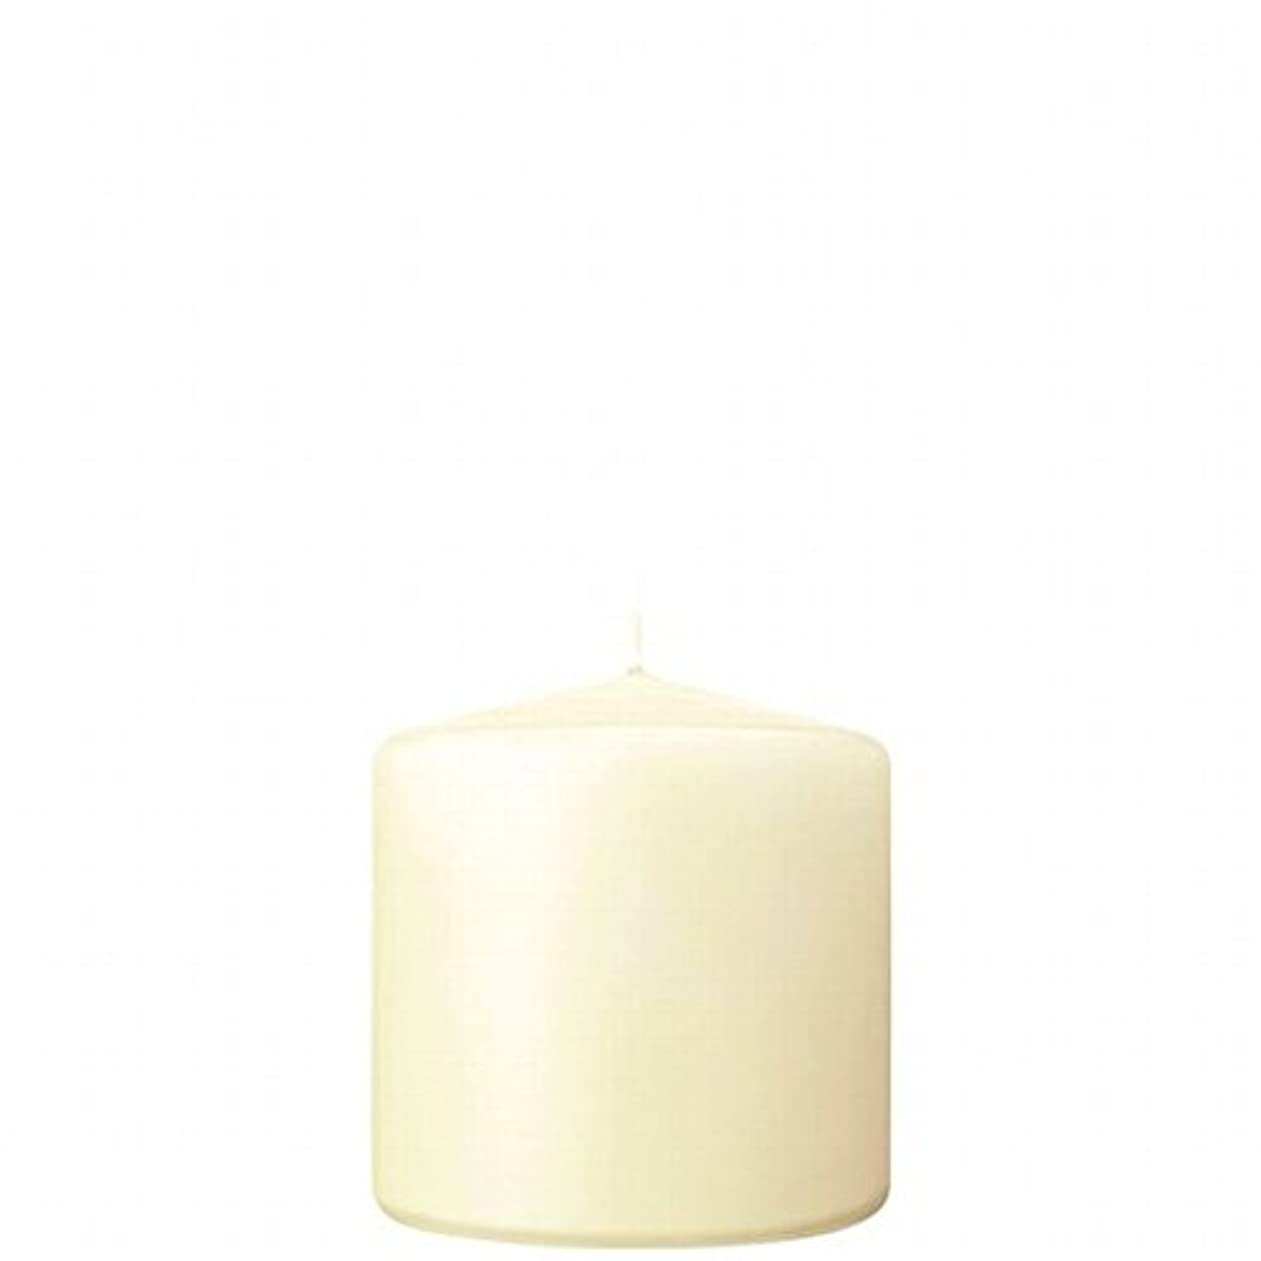 ロンドン仕えるチャンピオンカメヤマキャンドル( kameyama candle ) 3×3ベルトップピラーキャンドル 「 アイボリー 」